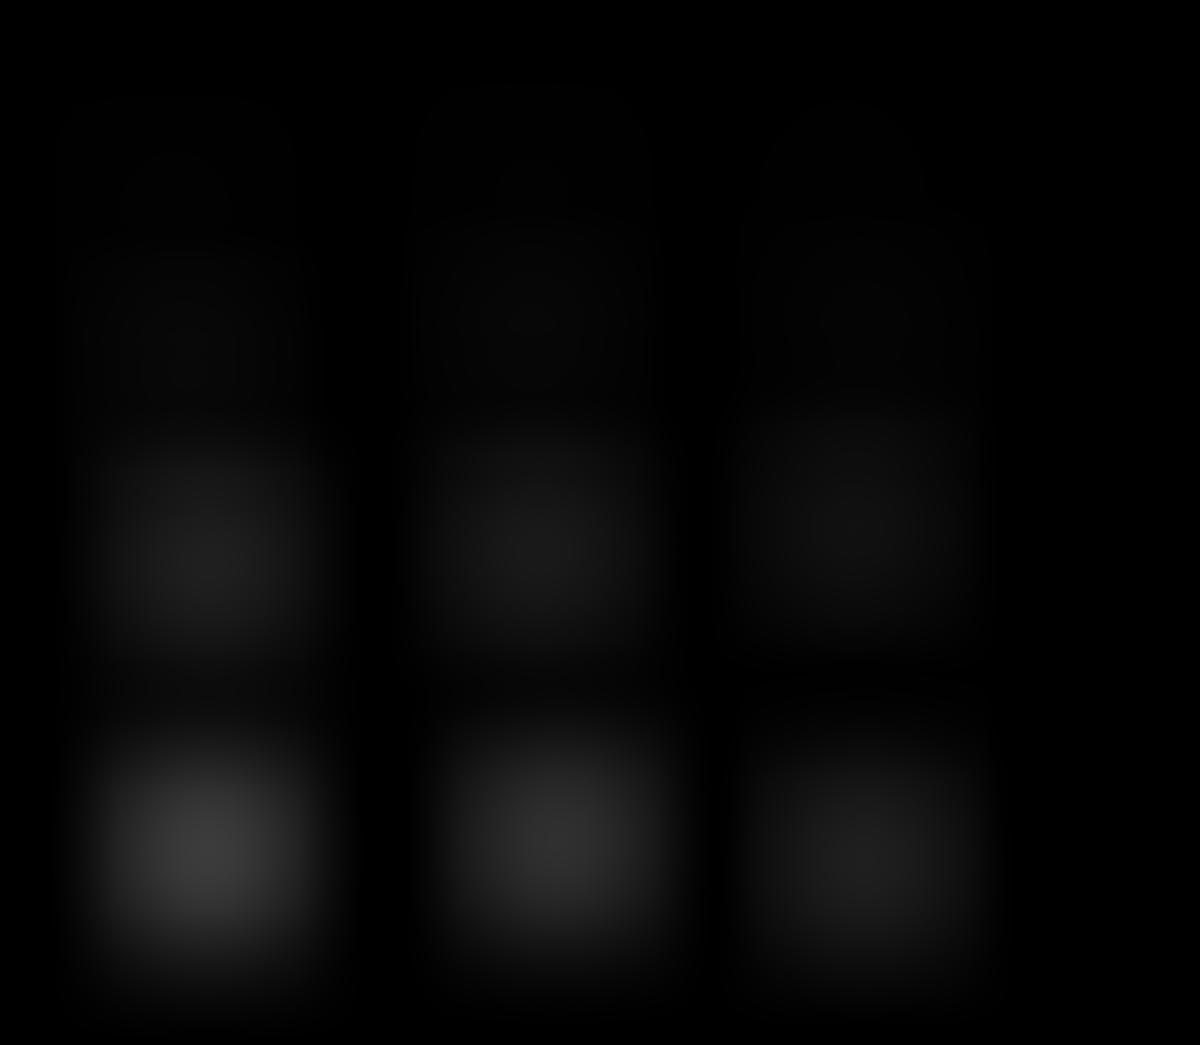 f:id:rkoichi2001:20200507144053p:plain